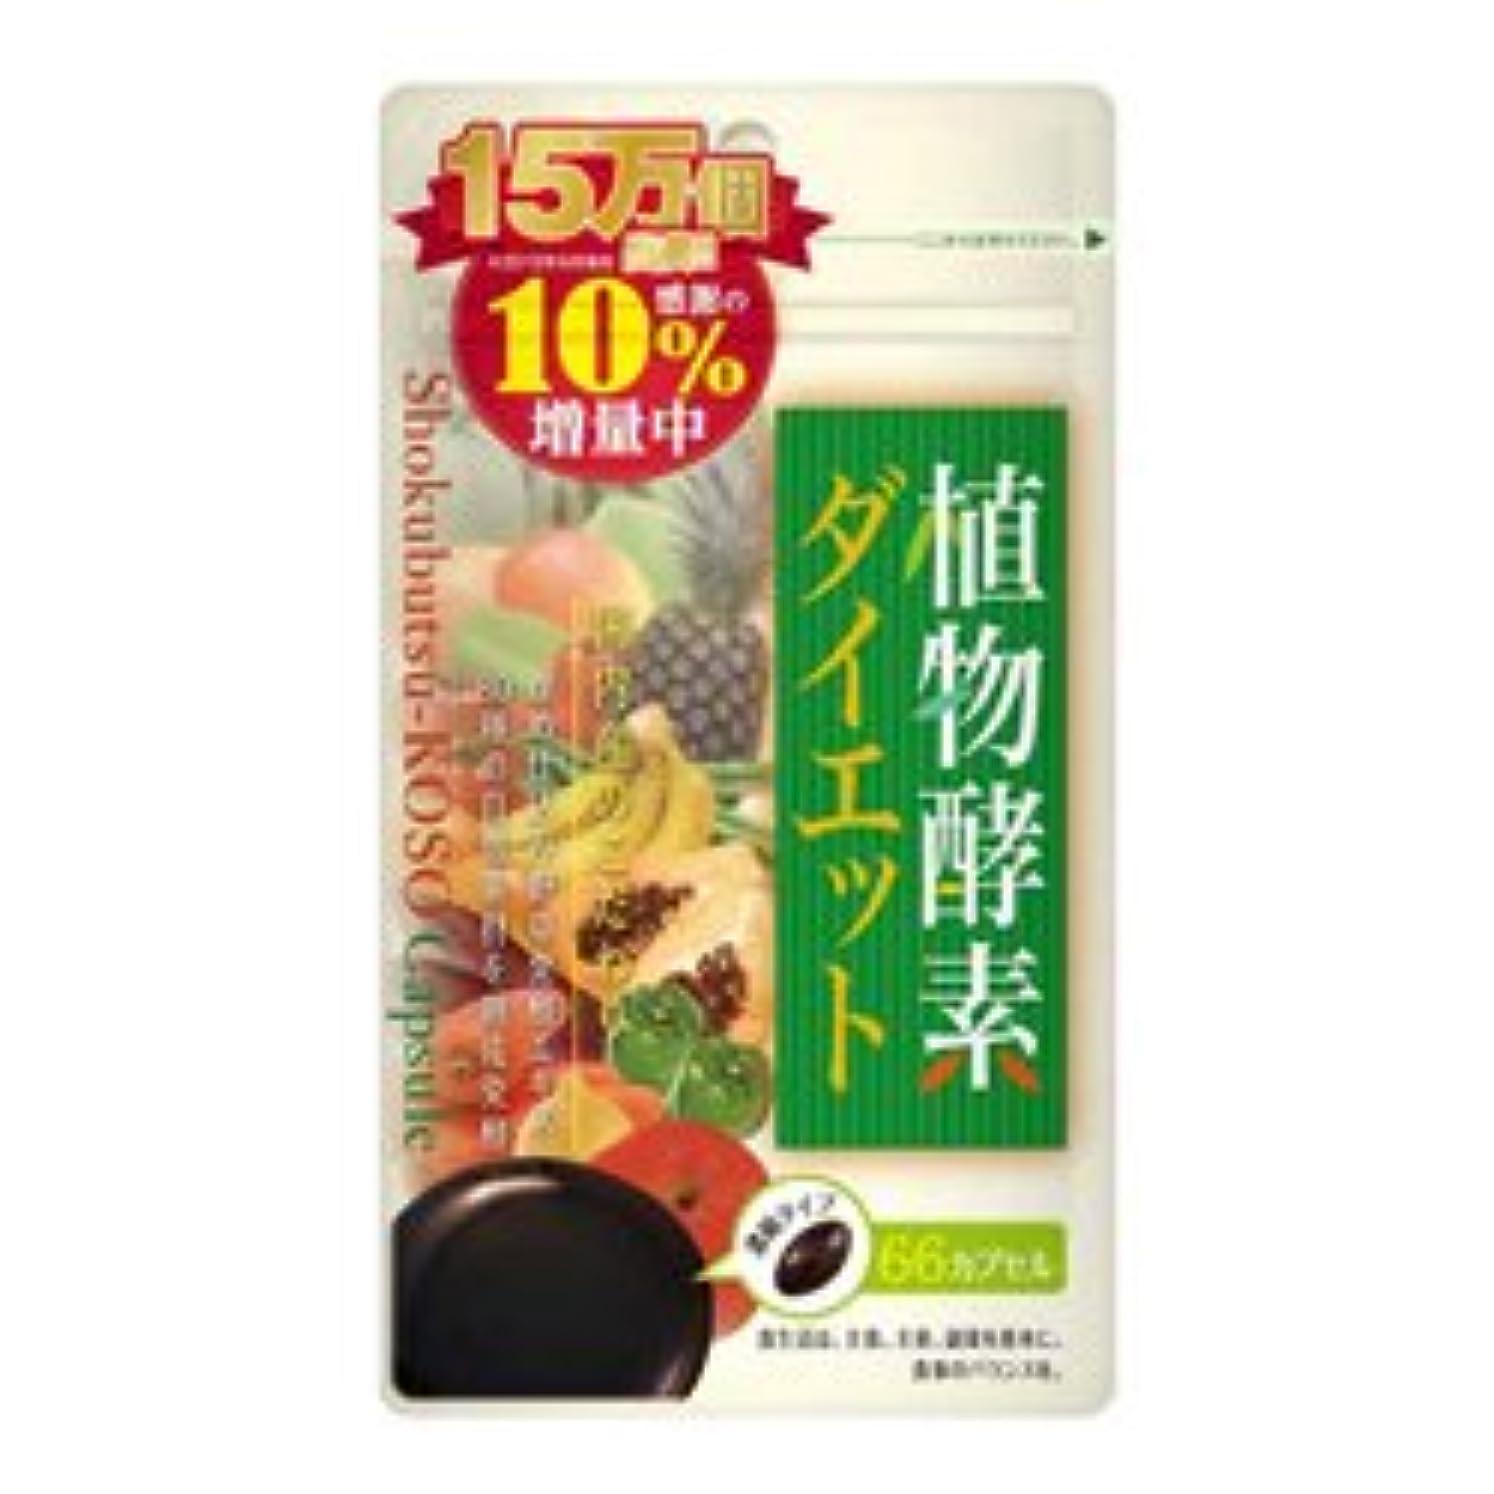 チロマッサージおとこ【ウエルネスジャパン】植物酵素ダイエット 66カプセル ×3個セット